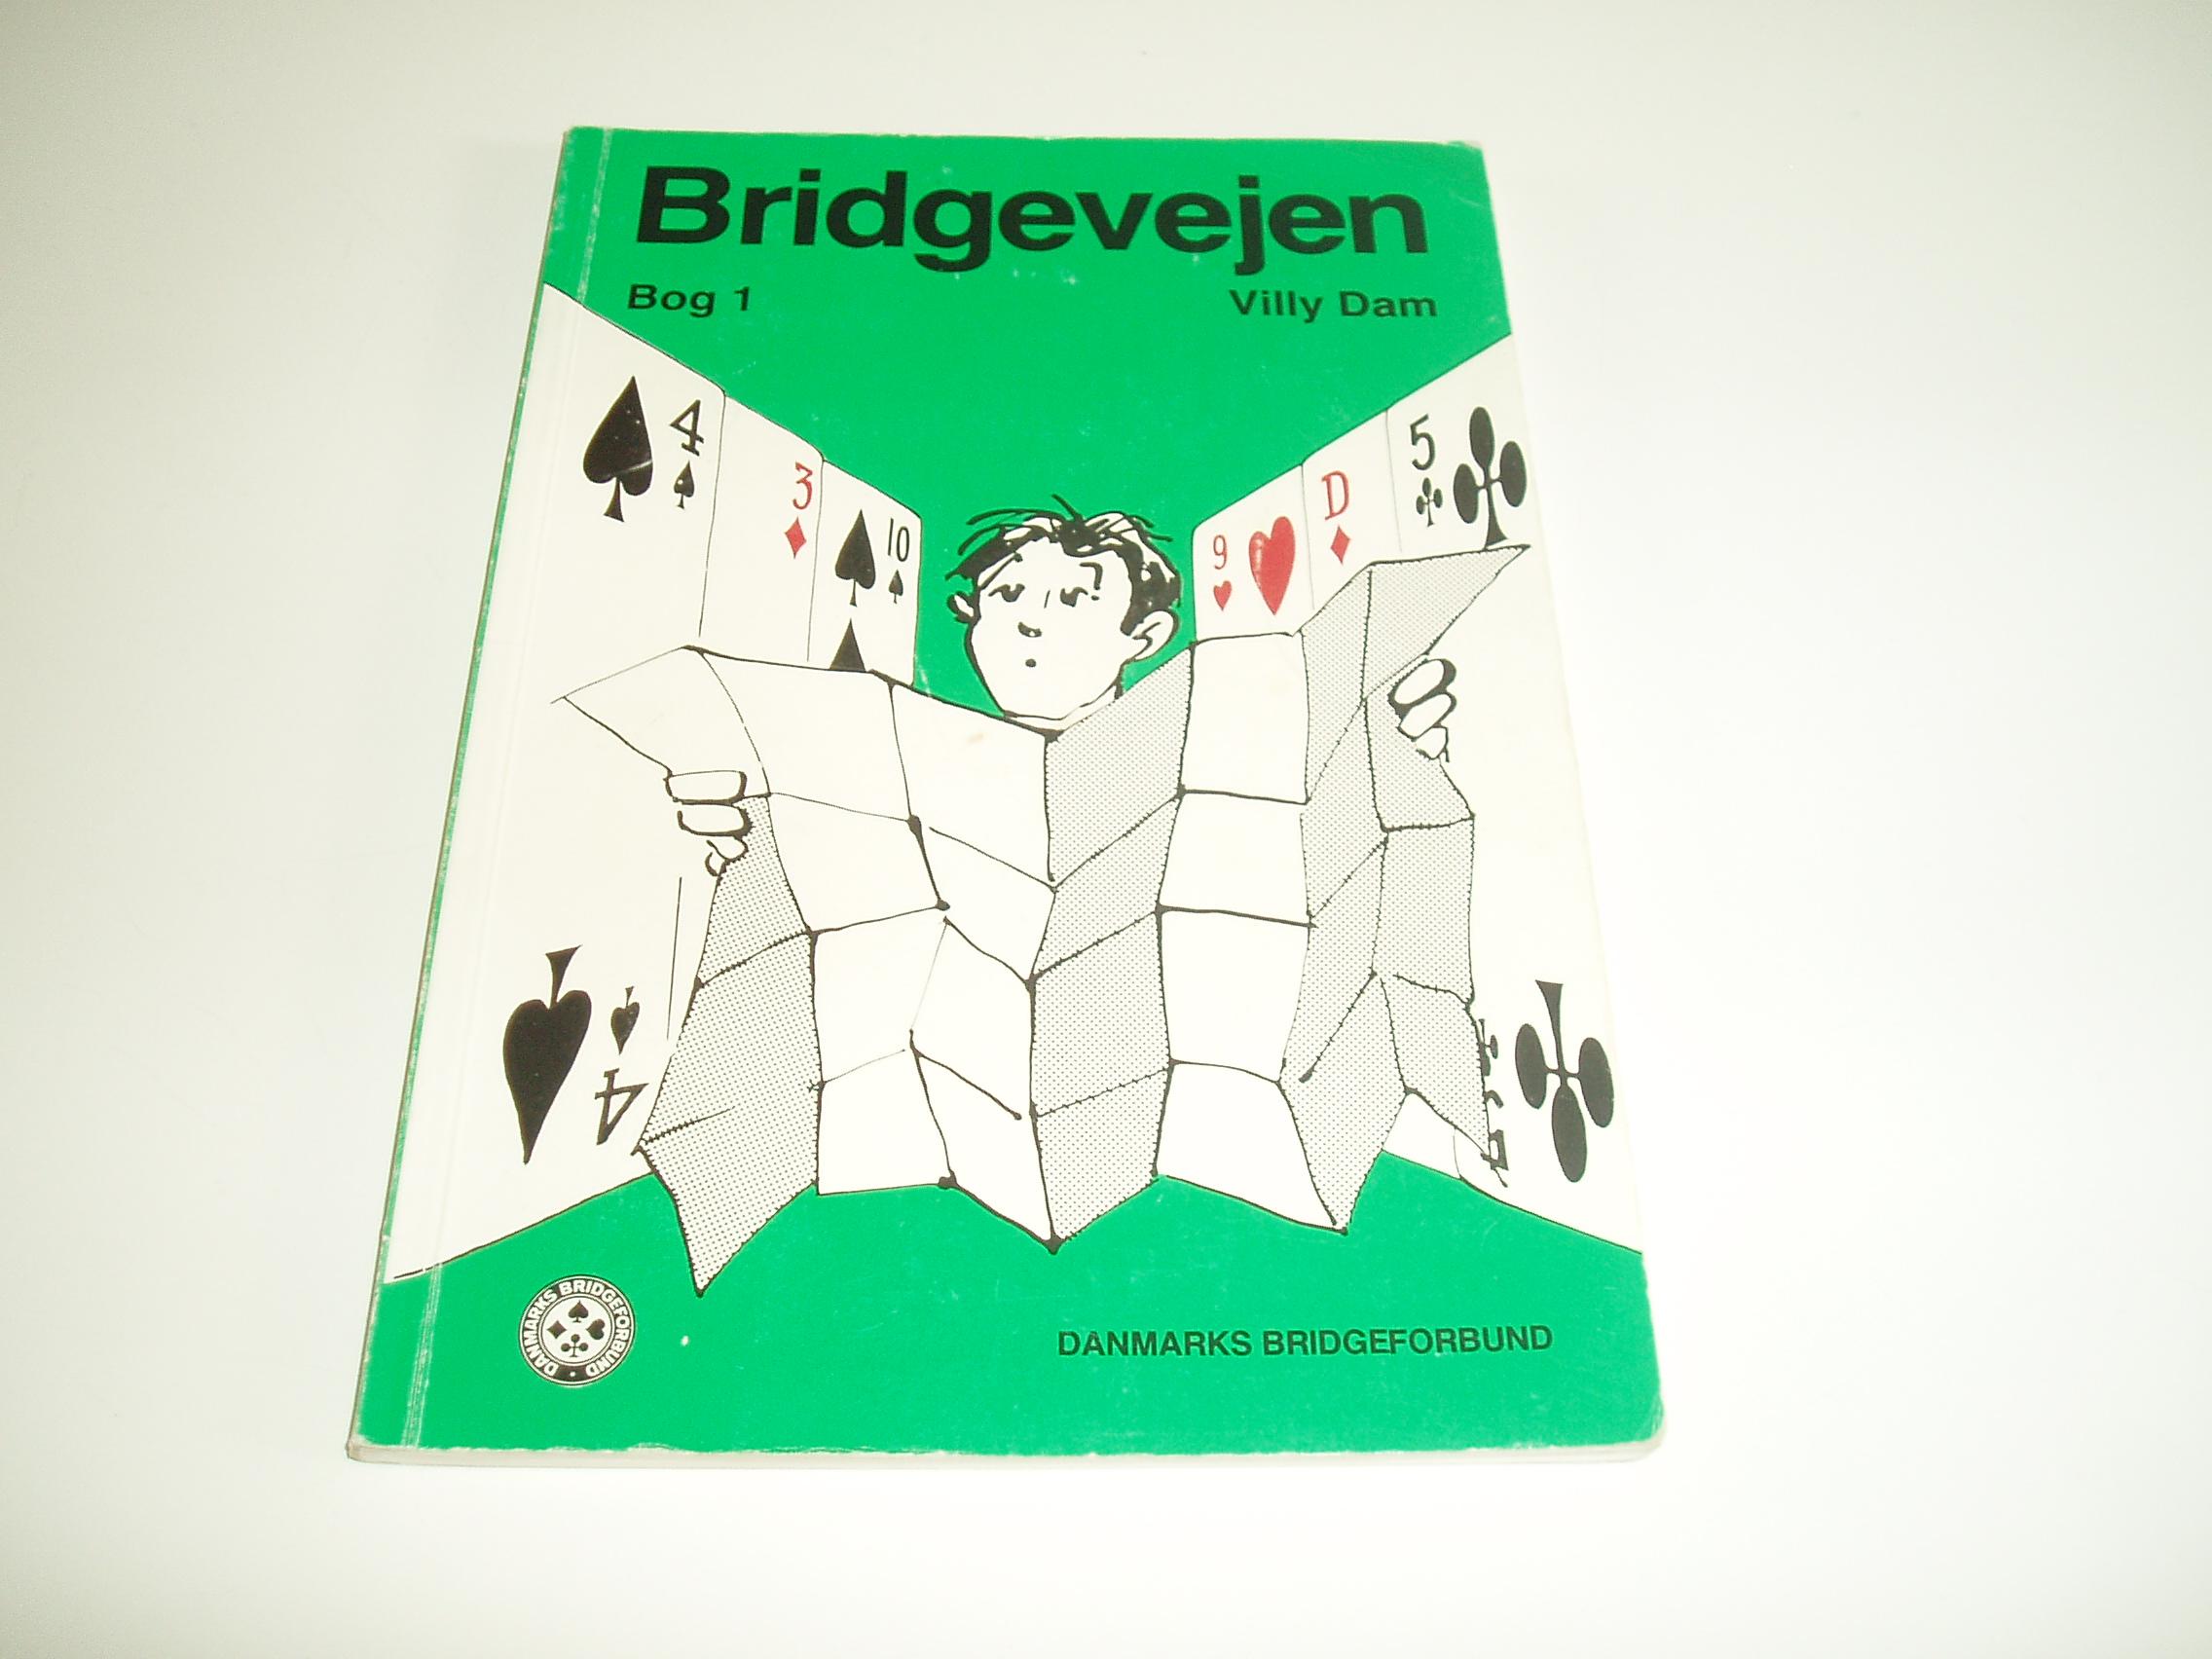 Bridgevejen, 1